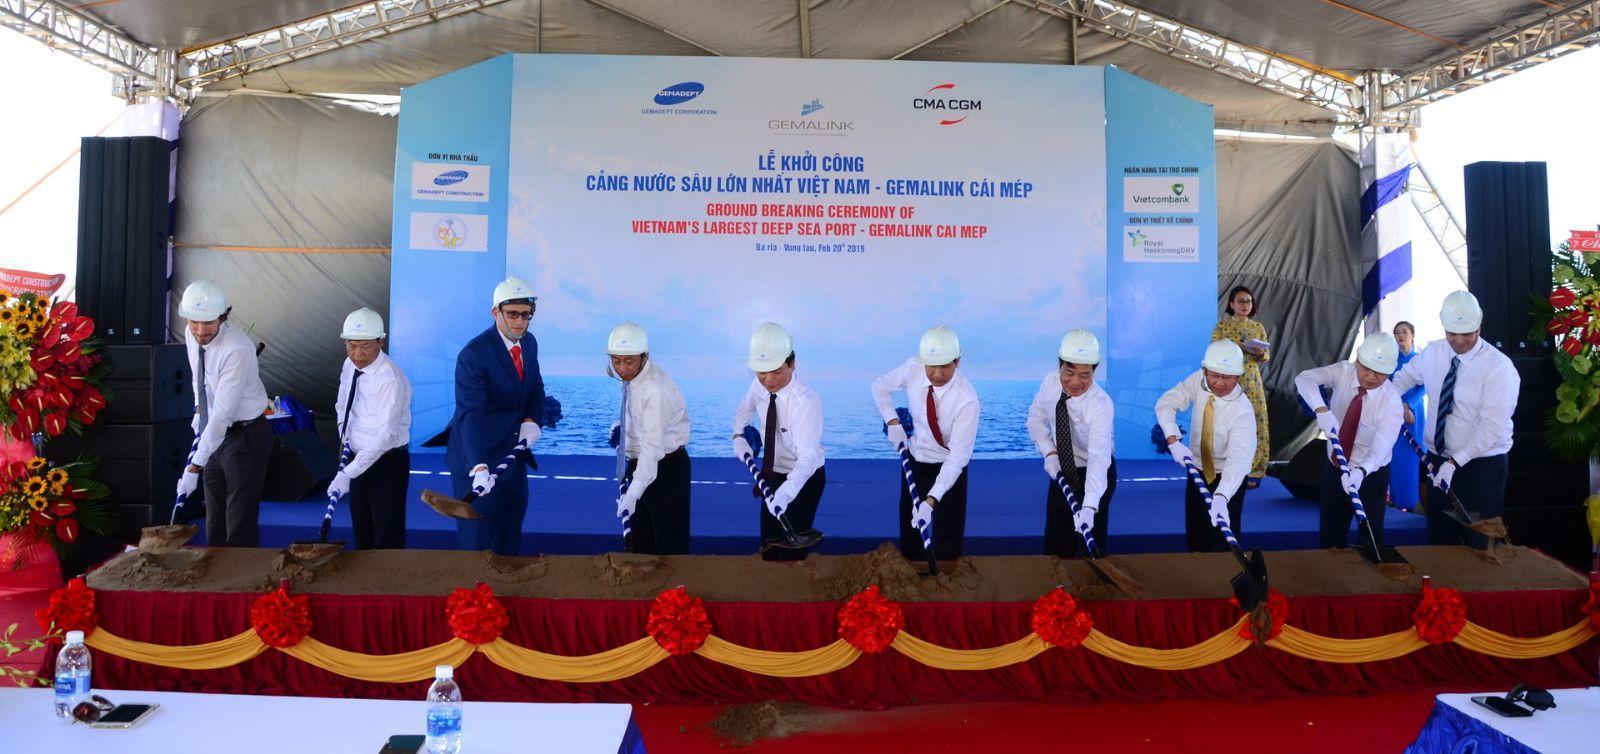 Lễ khởi công xây dựng Công trình Cảng Cái Mép Gemadept - Terminal Link (Gemalink)